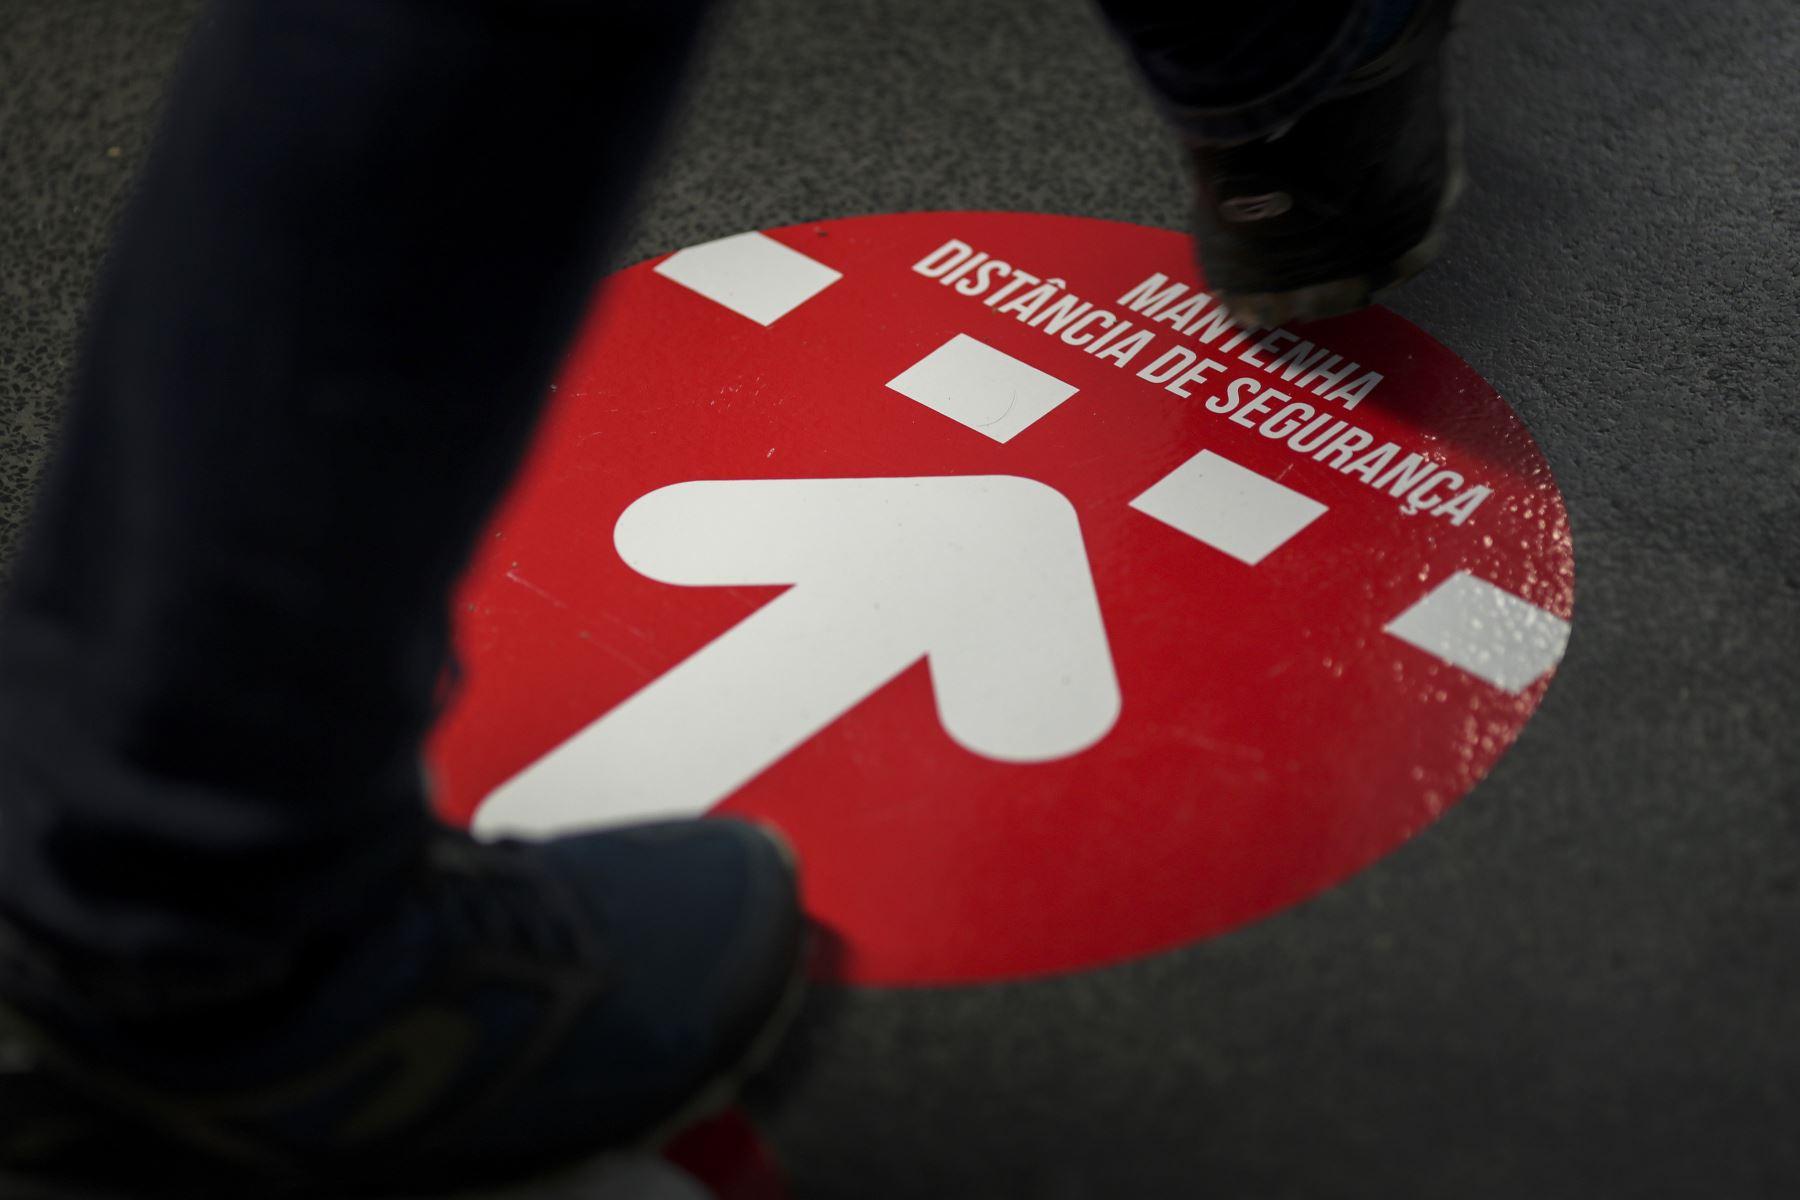 Un votante camina sobre un cartel de distanciamiento social durante las elecciones presidenciales portuguesas en un colegio electoral en el Parque das Nacoes en Lisboa, Portugal está votando a pesar del bloqueo pandémico del país. Foto: AFP